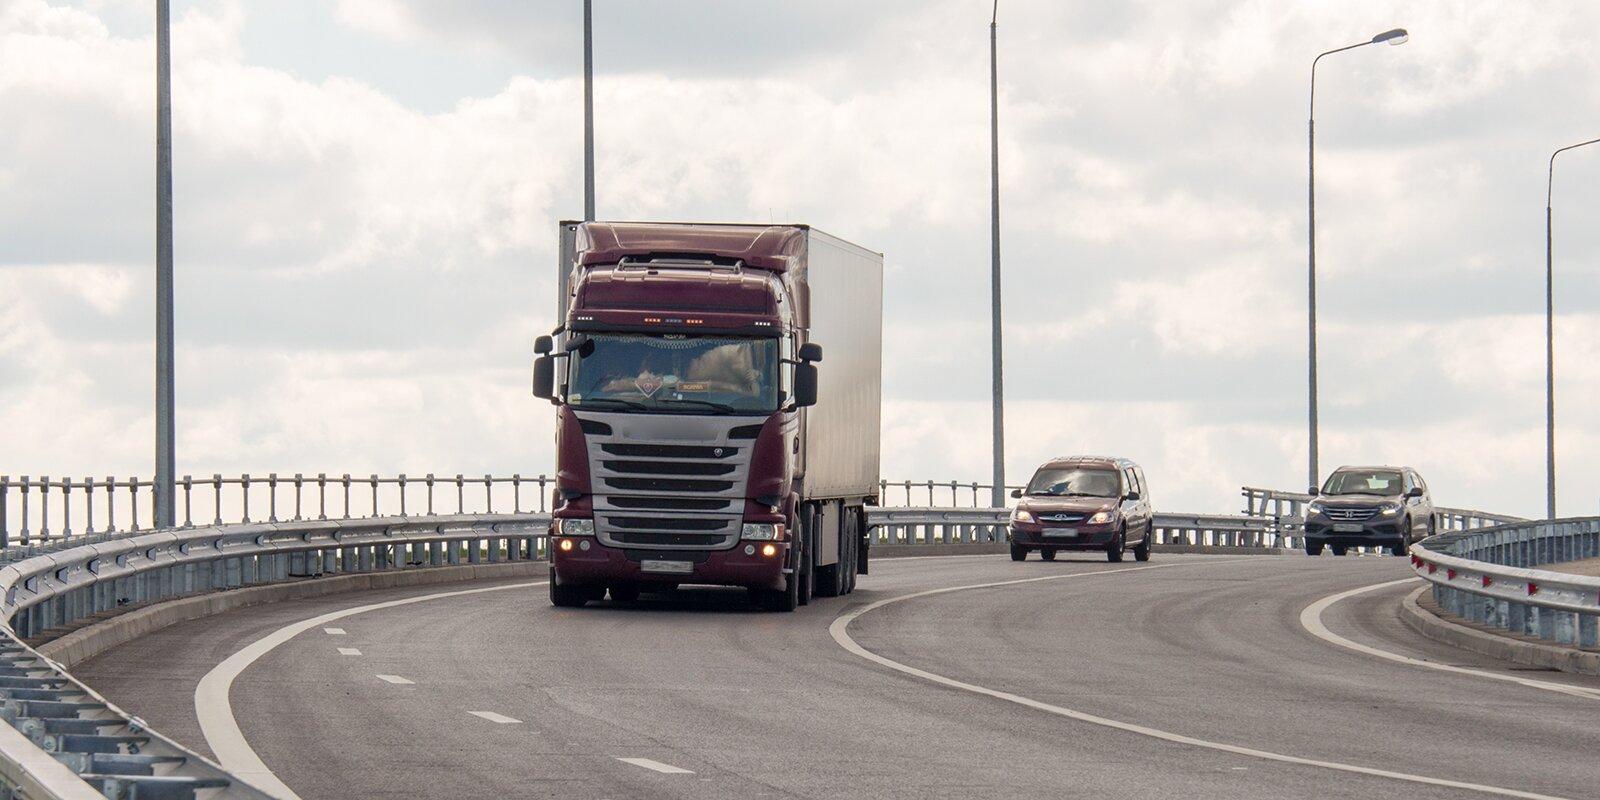 Ограничения движения по МКАД для грузовиков тяжелее 3,5 тонны вступят в силу с 15 июня